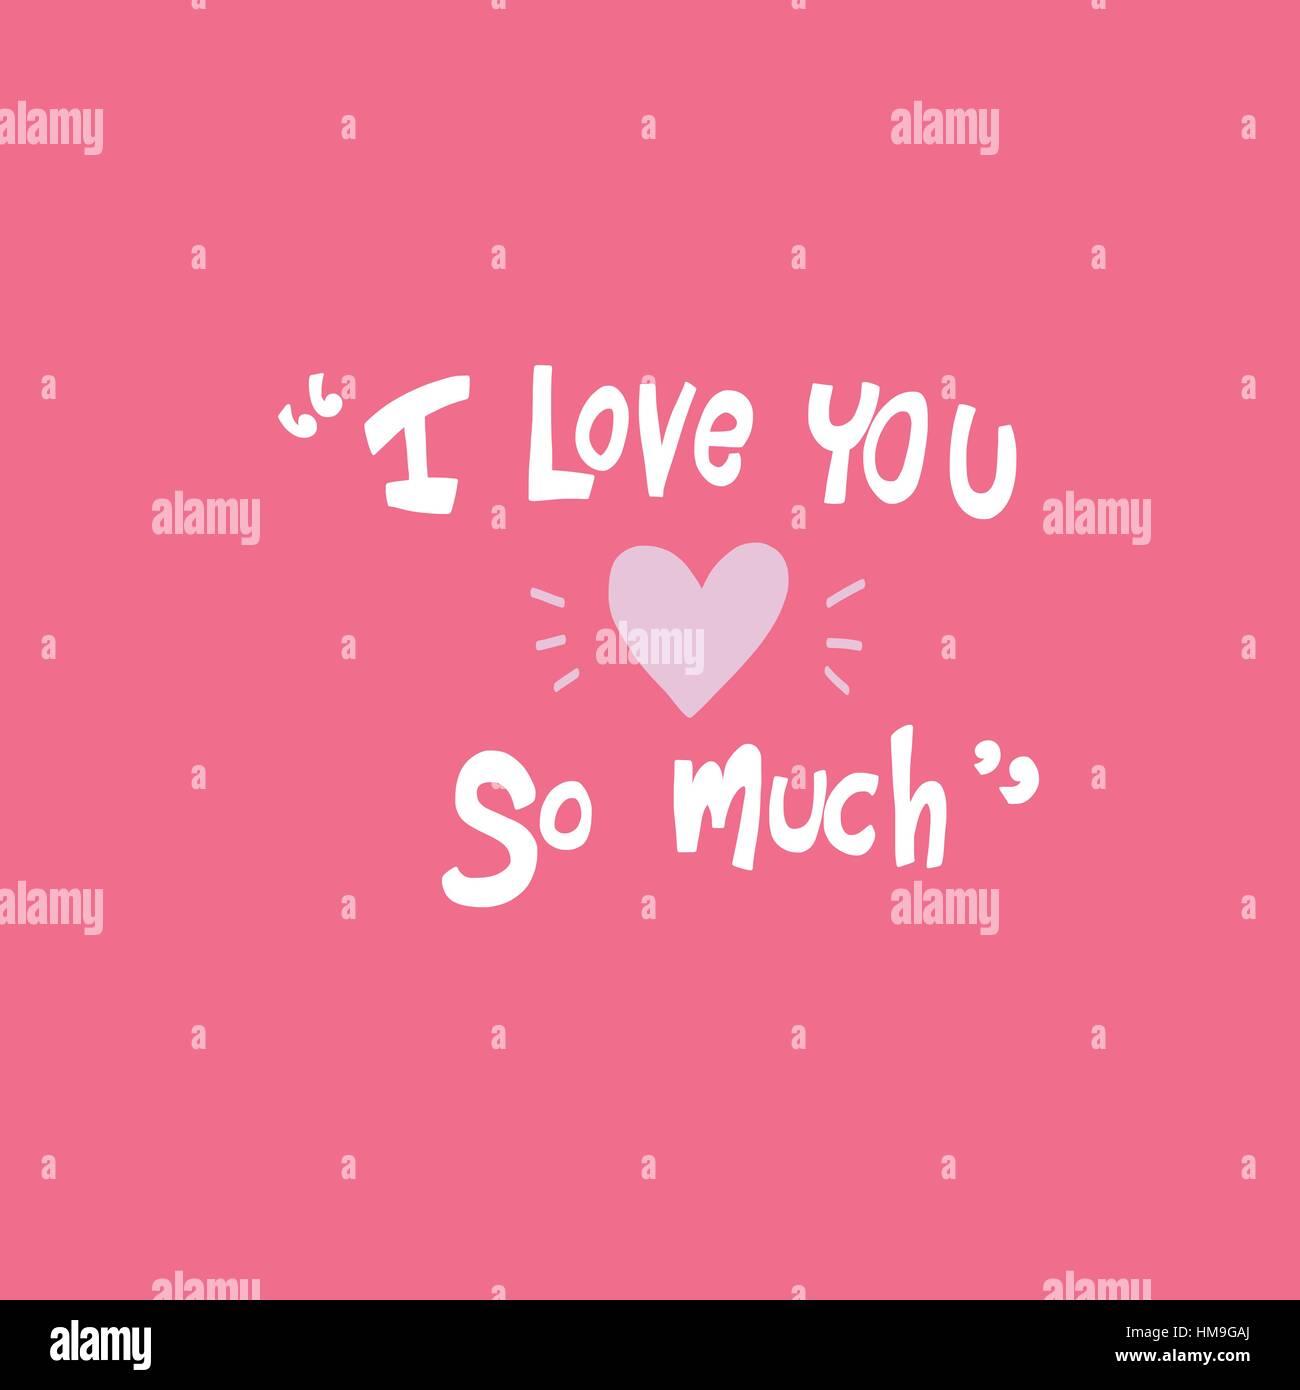 Ich Liebe Dich So Sehr Wort Auf Rosa Hintergrund Vektor Abbildung